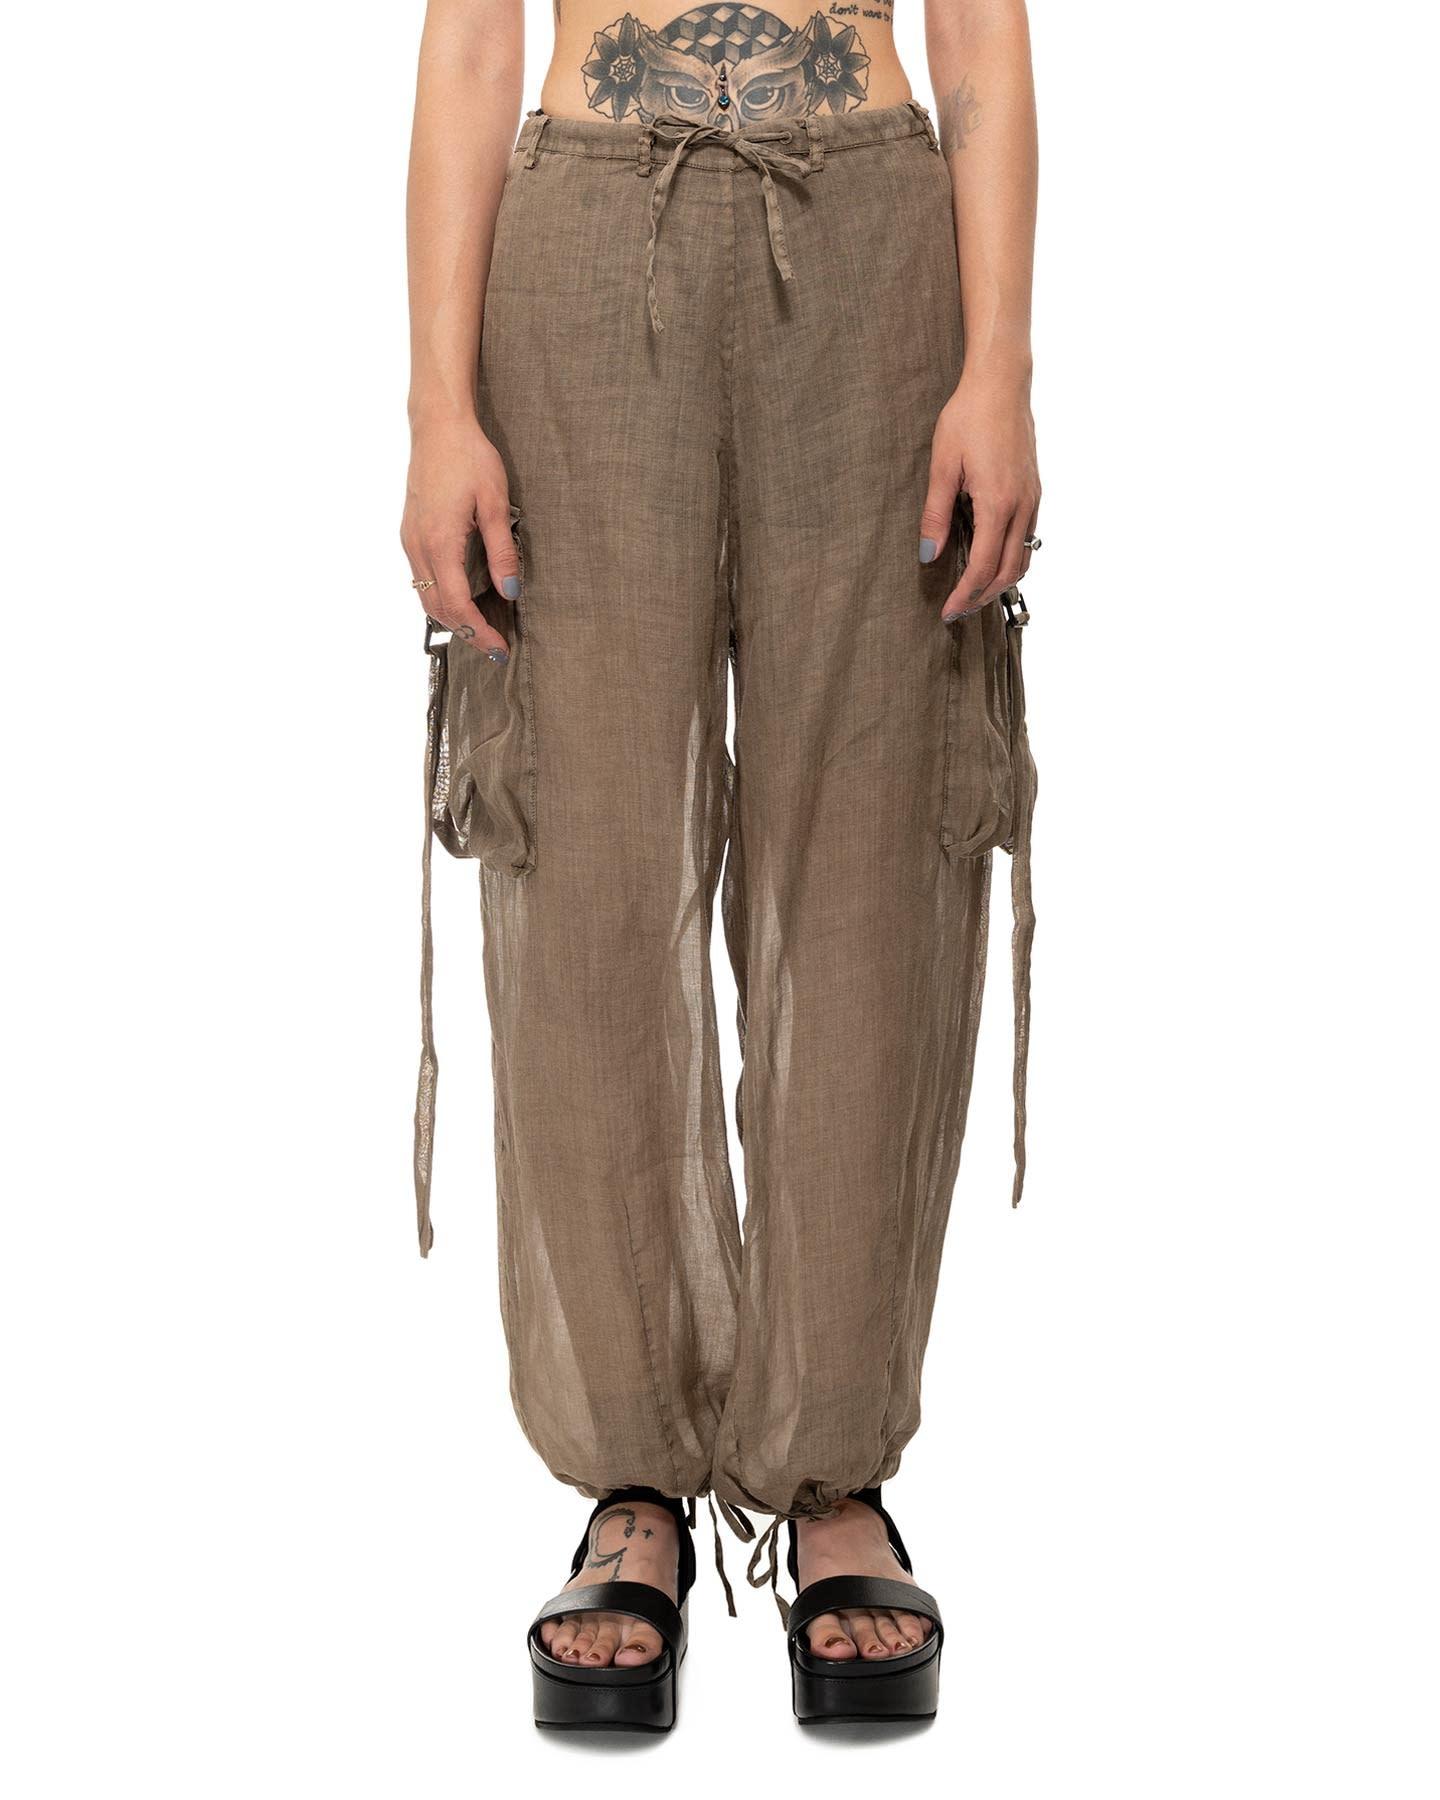 GAUZE COMBAT PANTS